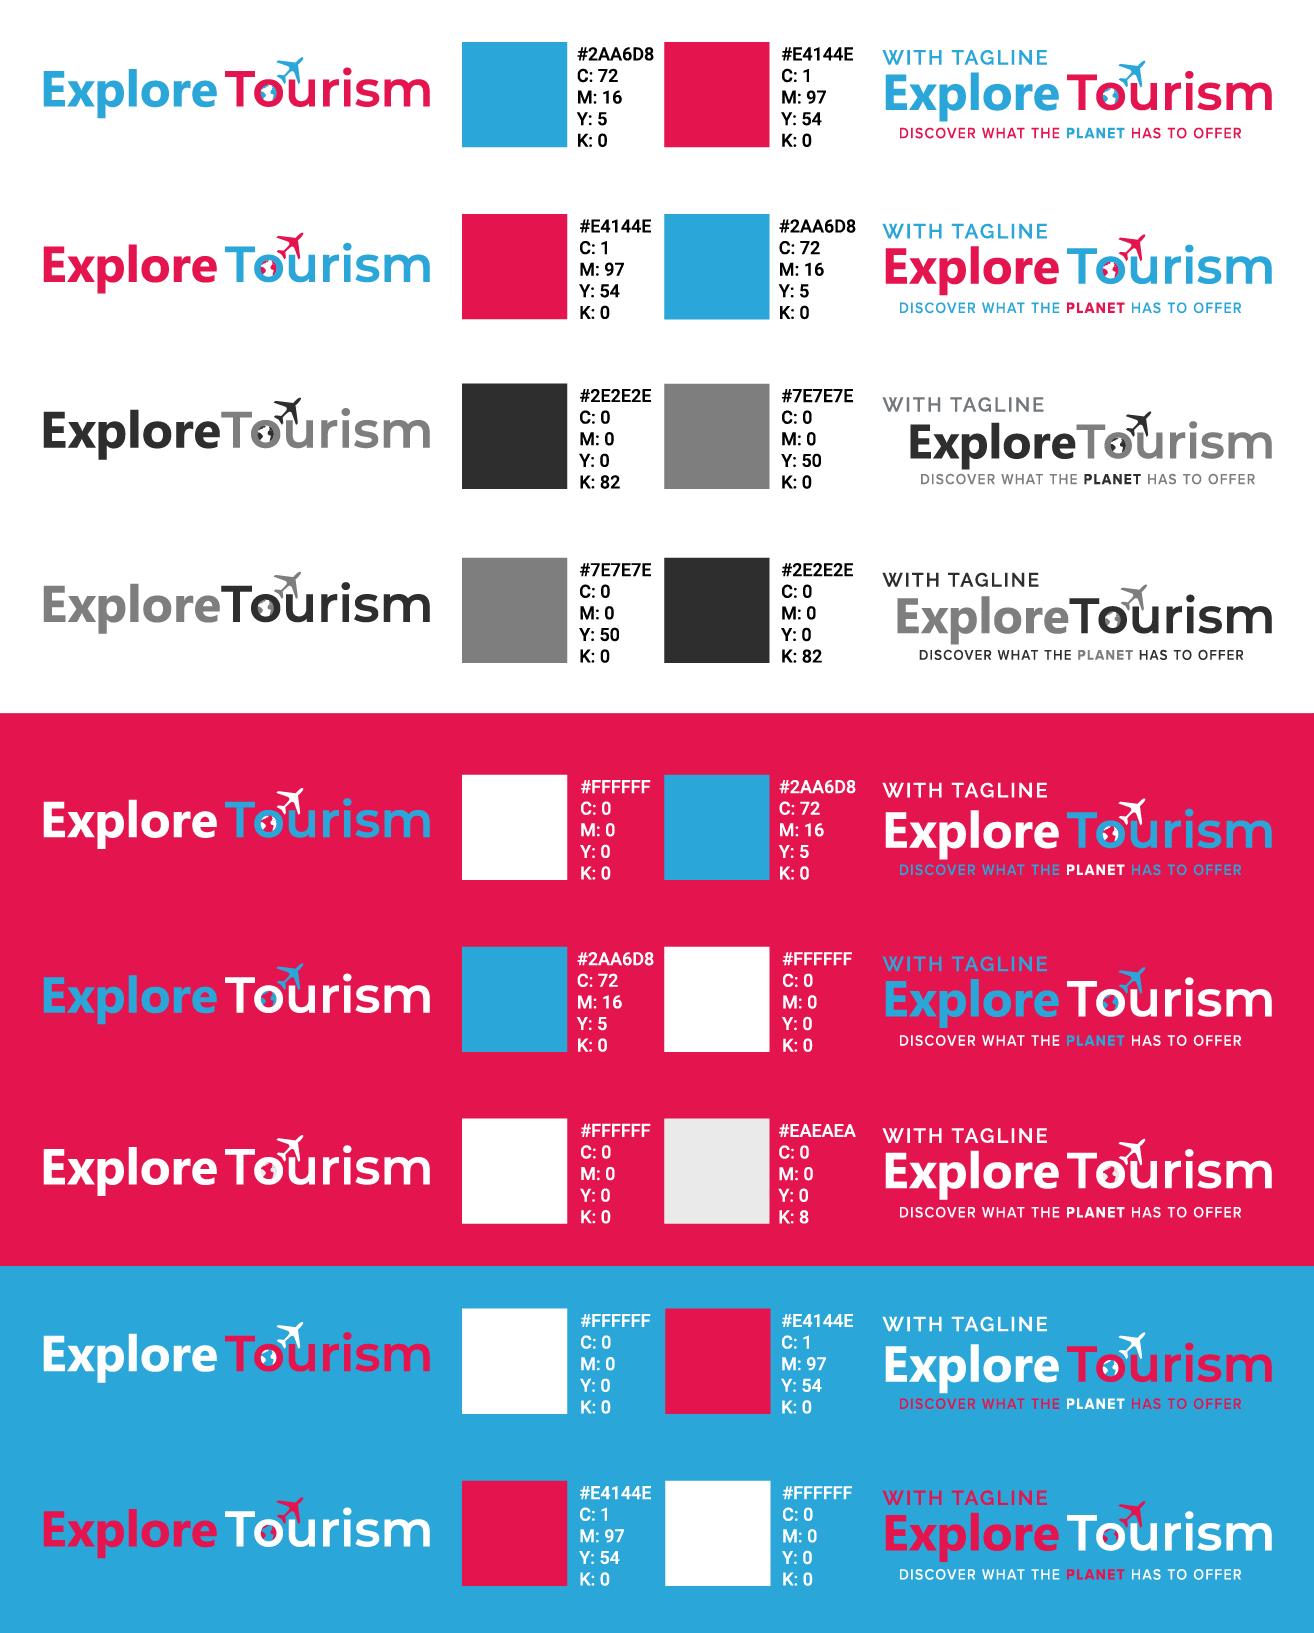 explore tourism logo